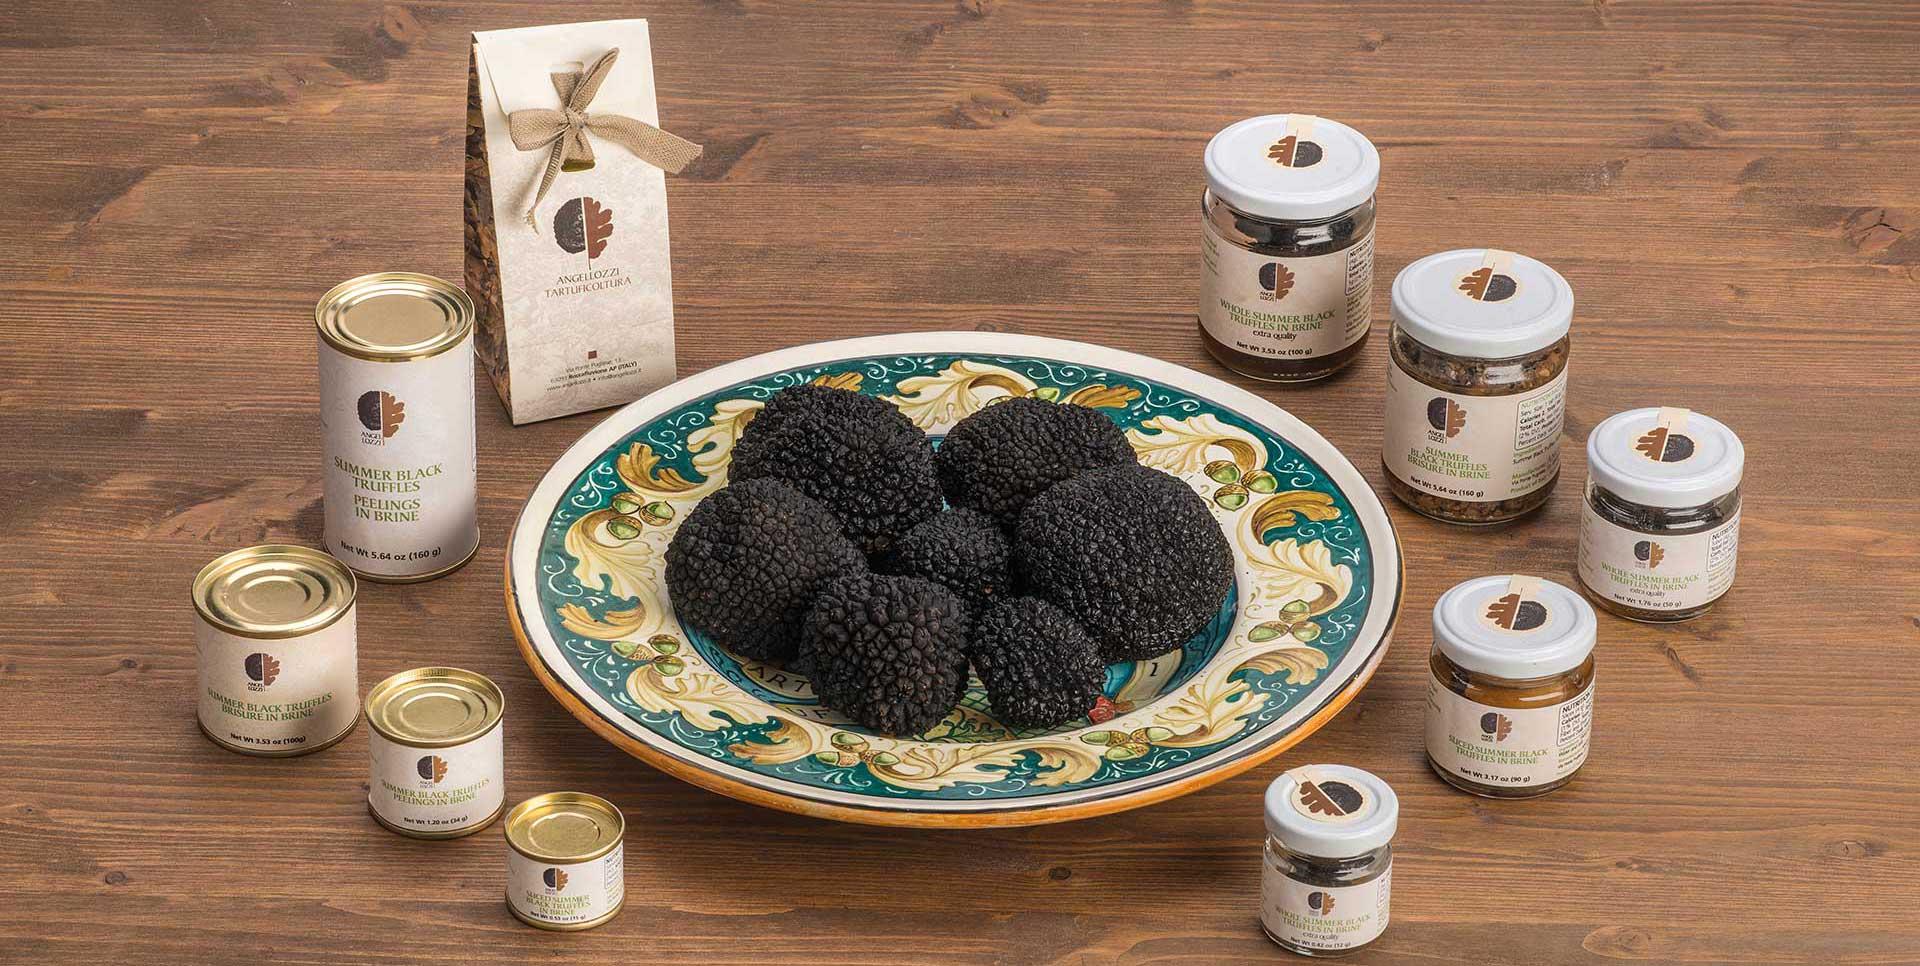 Refusing truffle aromas